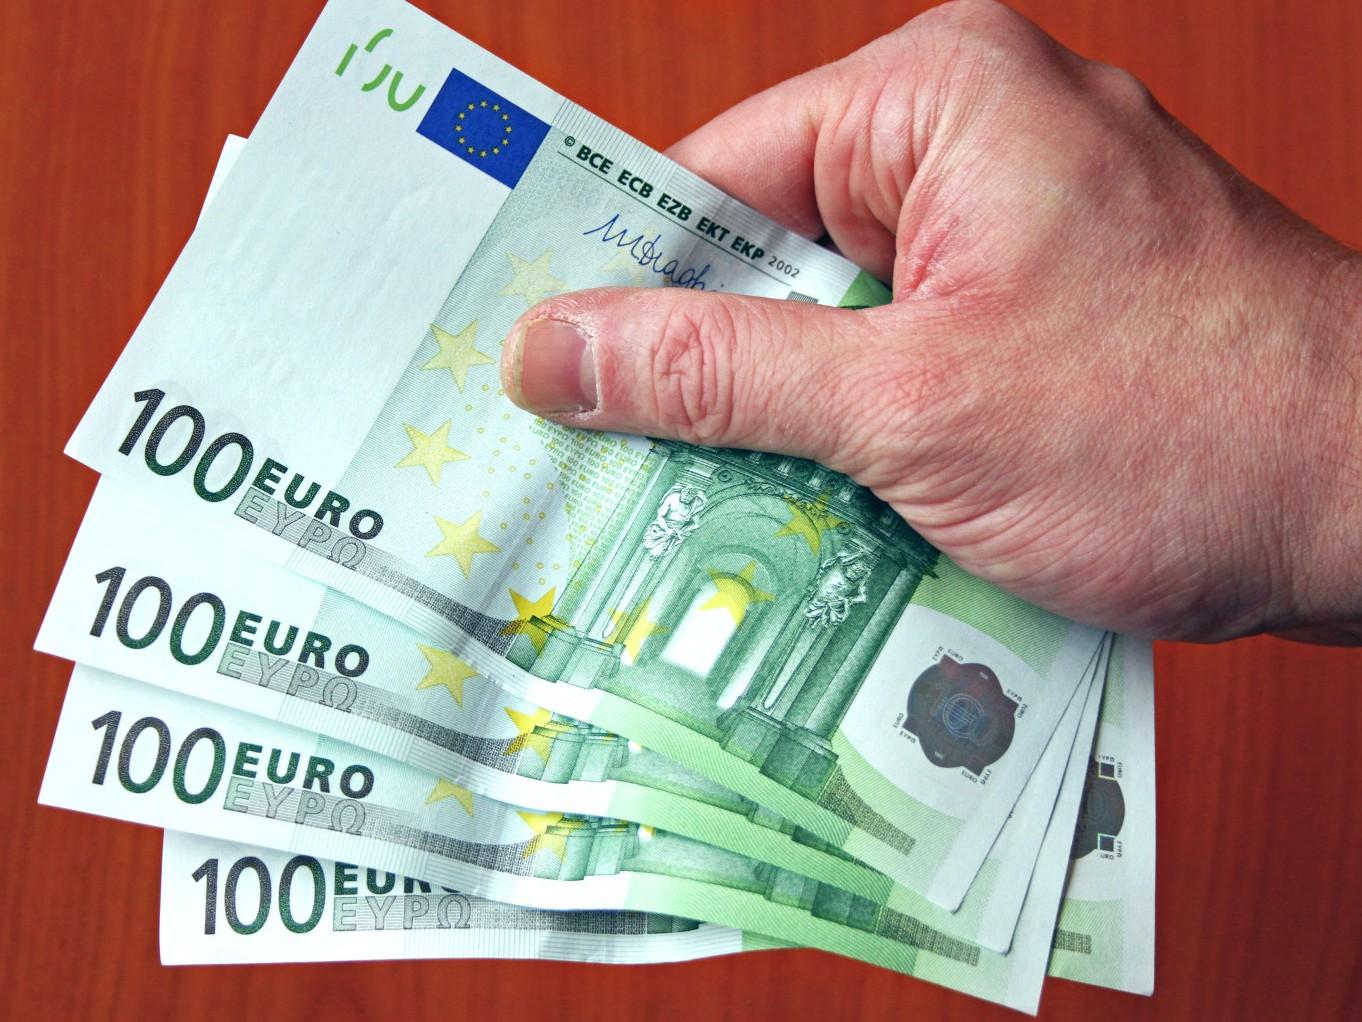 Συντάξεις Ιουλίου: Πότε μπαίνουν τα χρήματα στους λογαριασμούς.